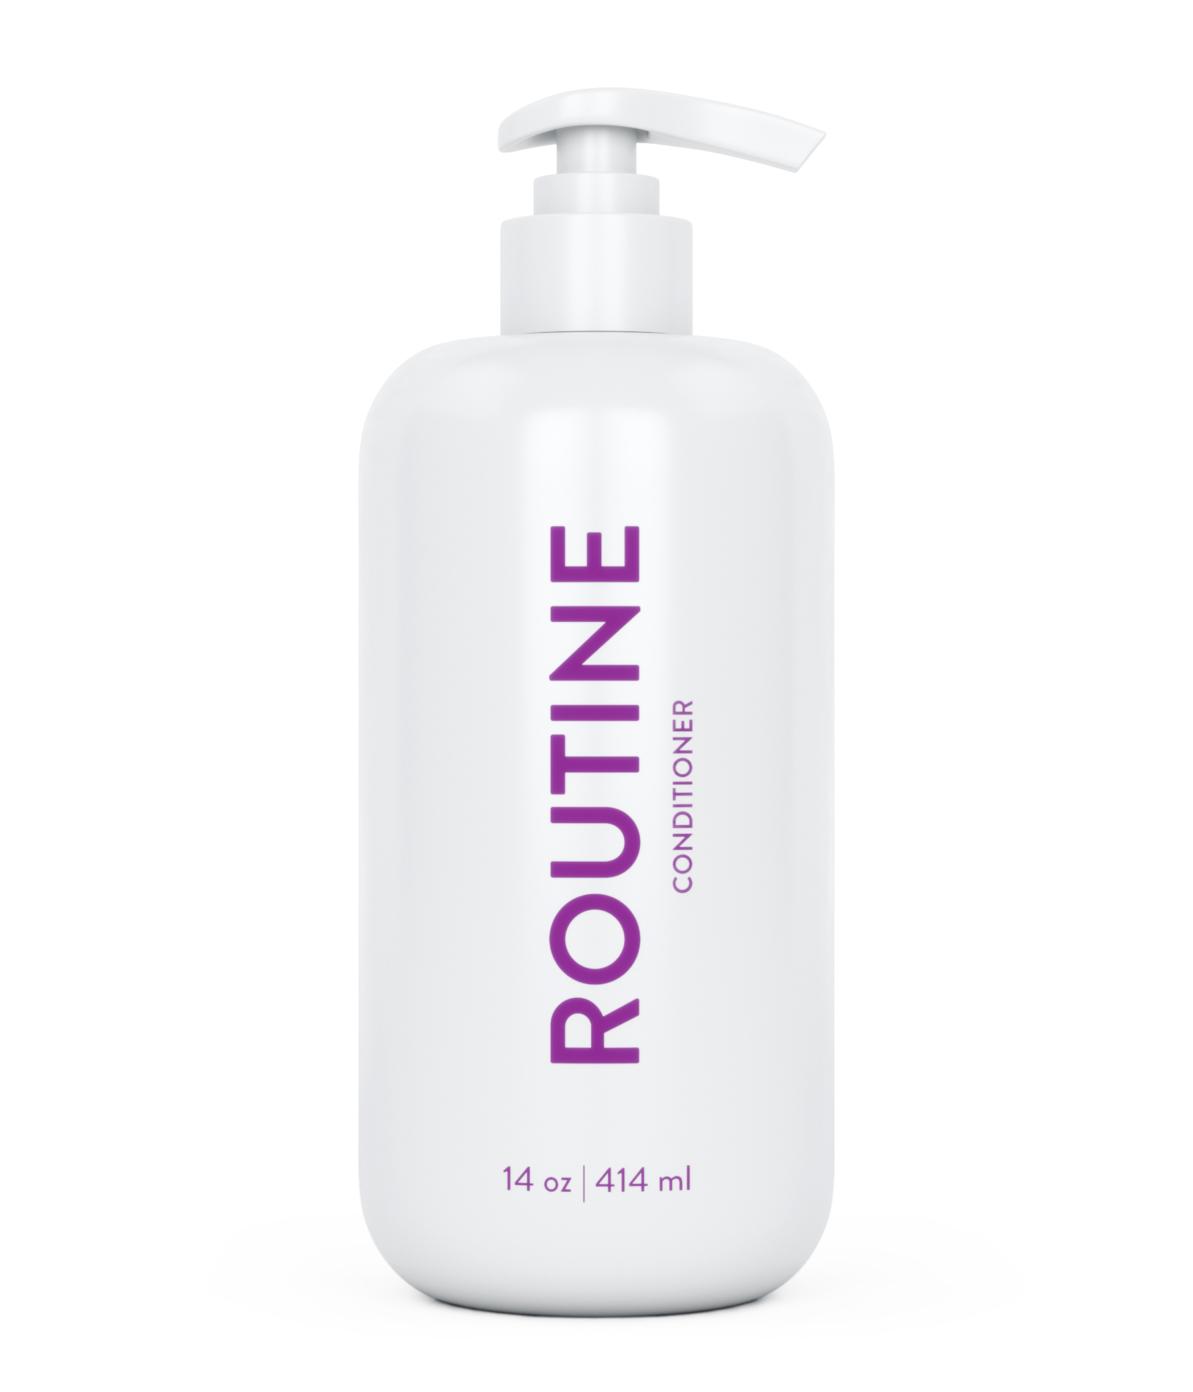 ROSE_BottlePump_CON_Front_HI